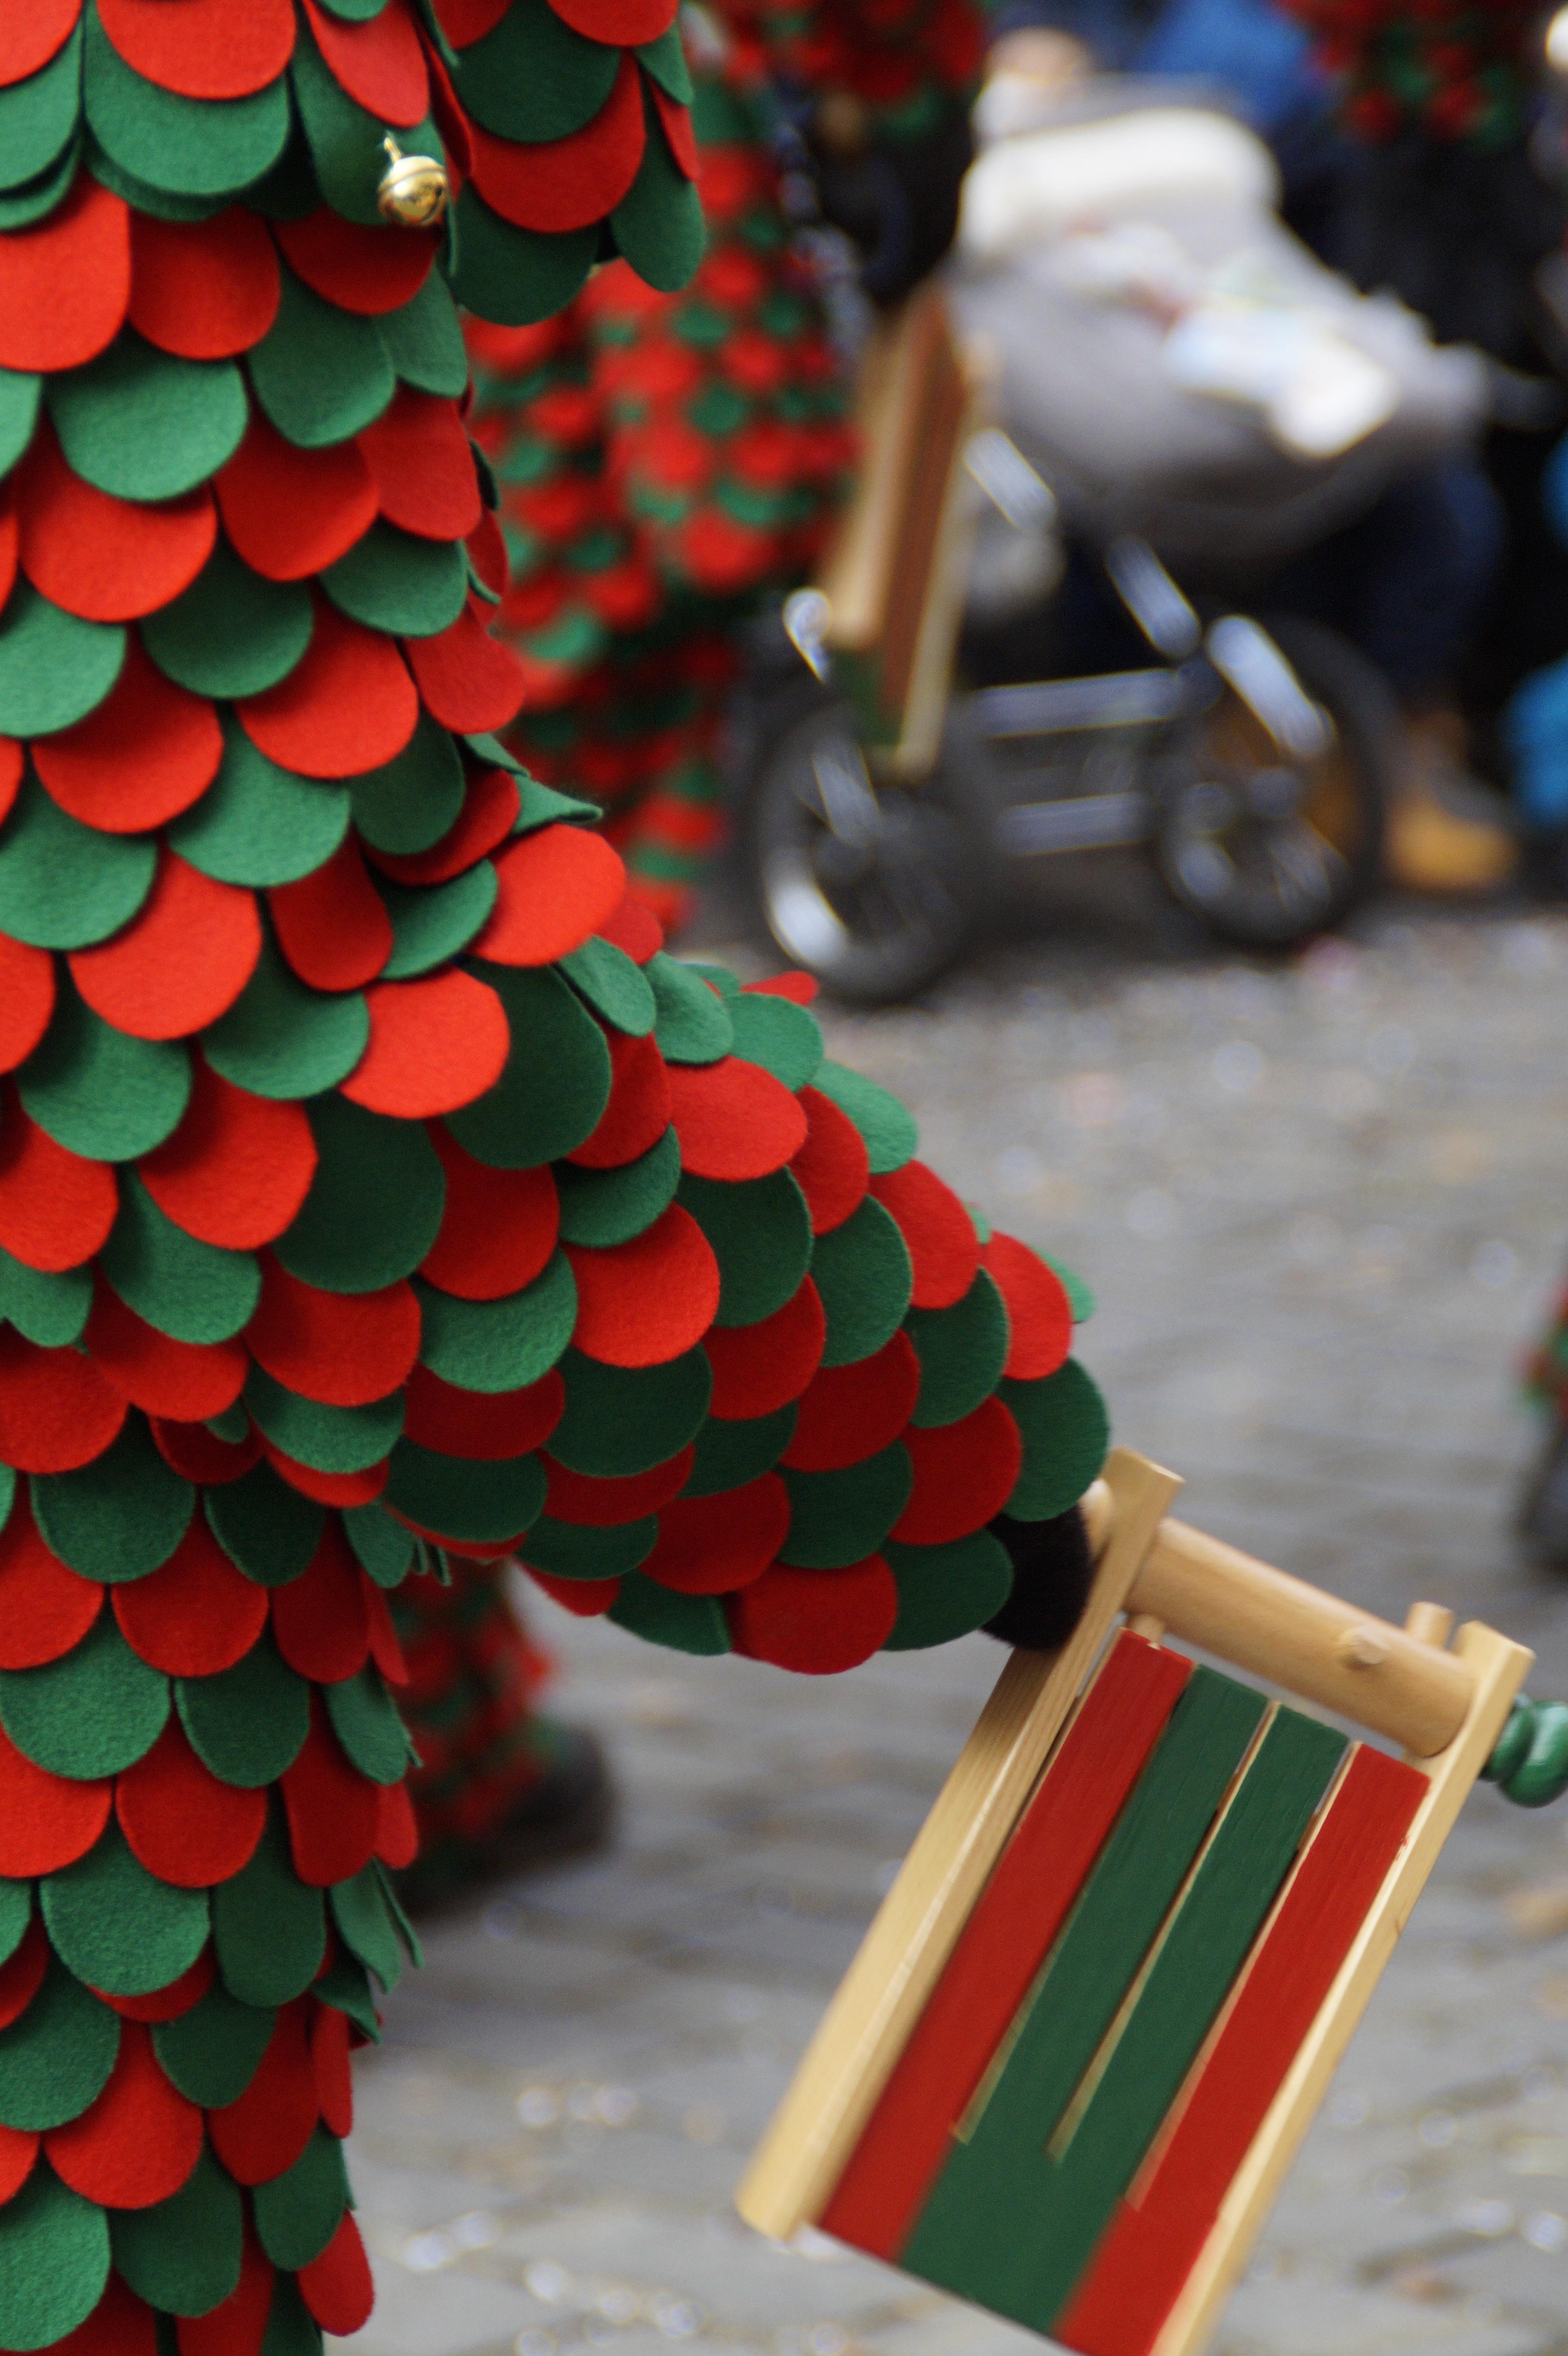 Gambar Kayu Hijau Merah Warna Hari Natal Seni Bentuk